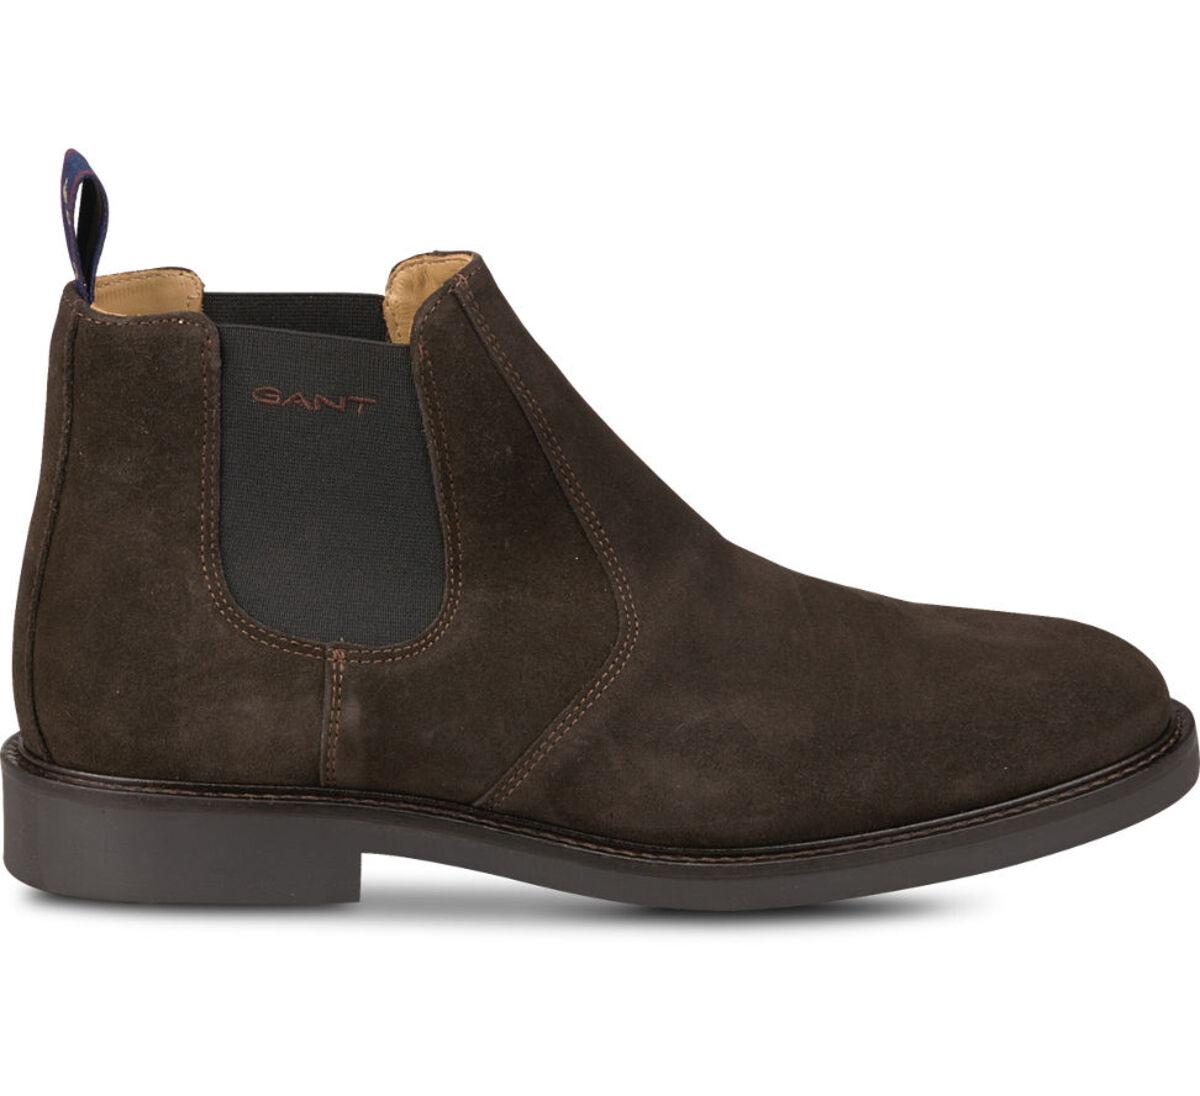 Bild 3 von Gant Chelsea-Boots - SPENCER